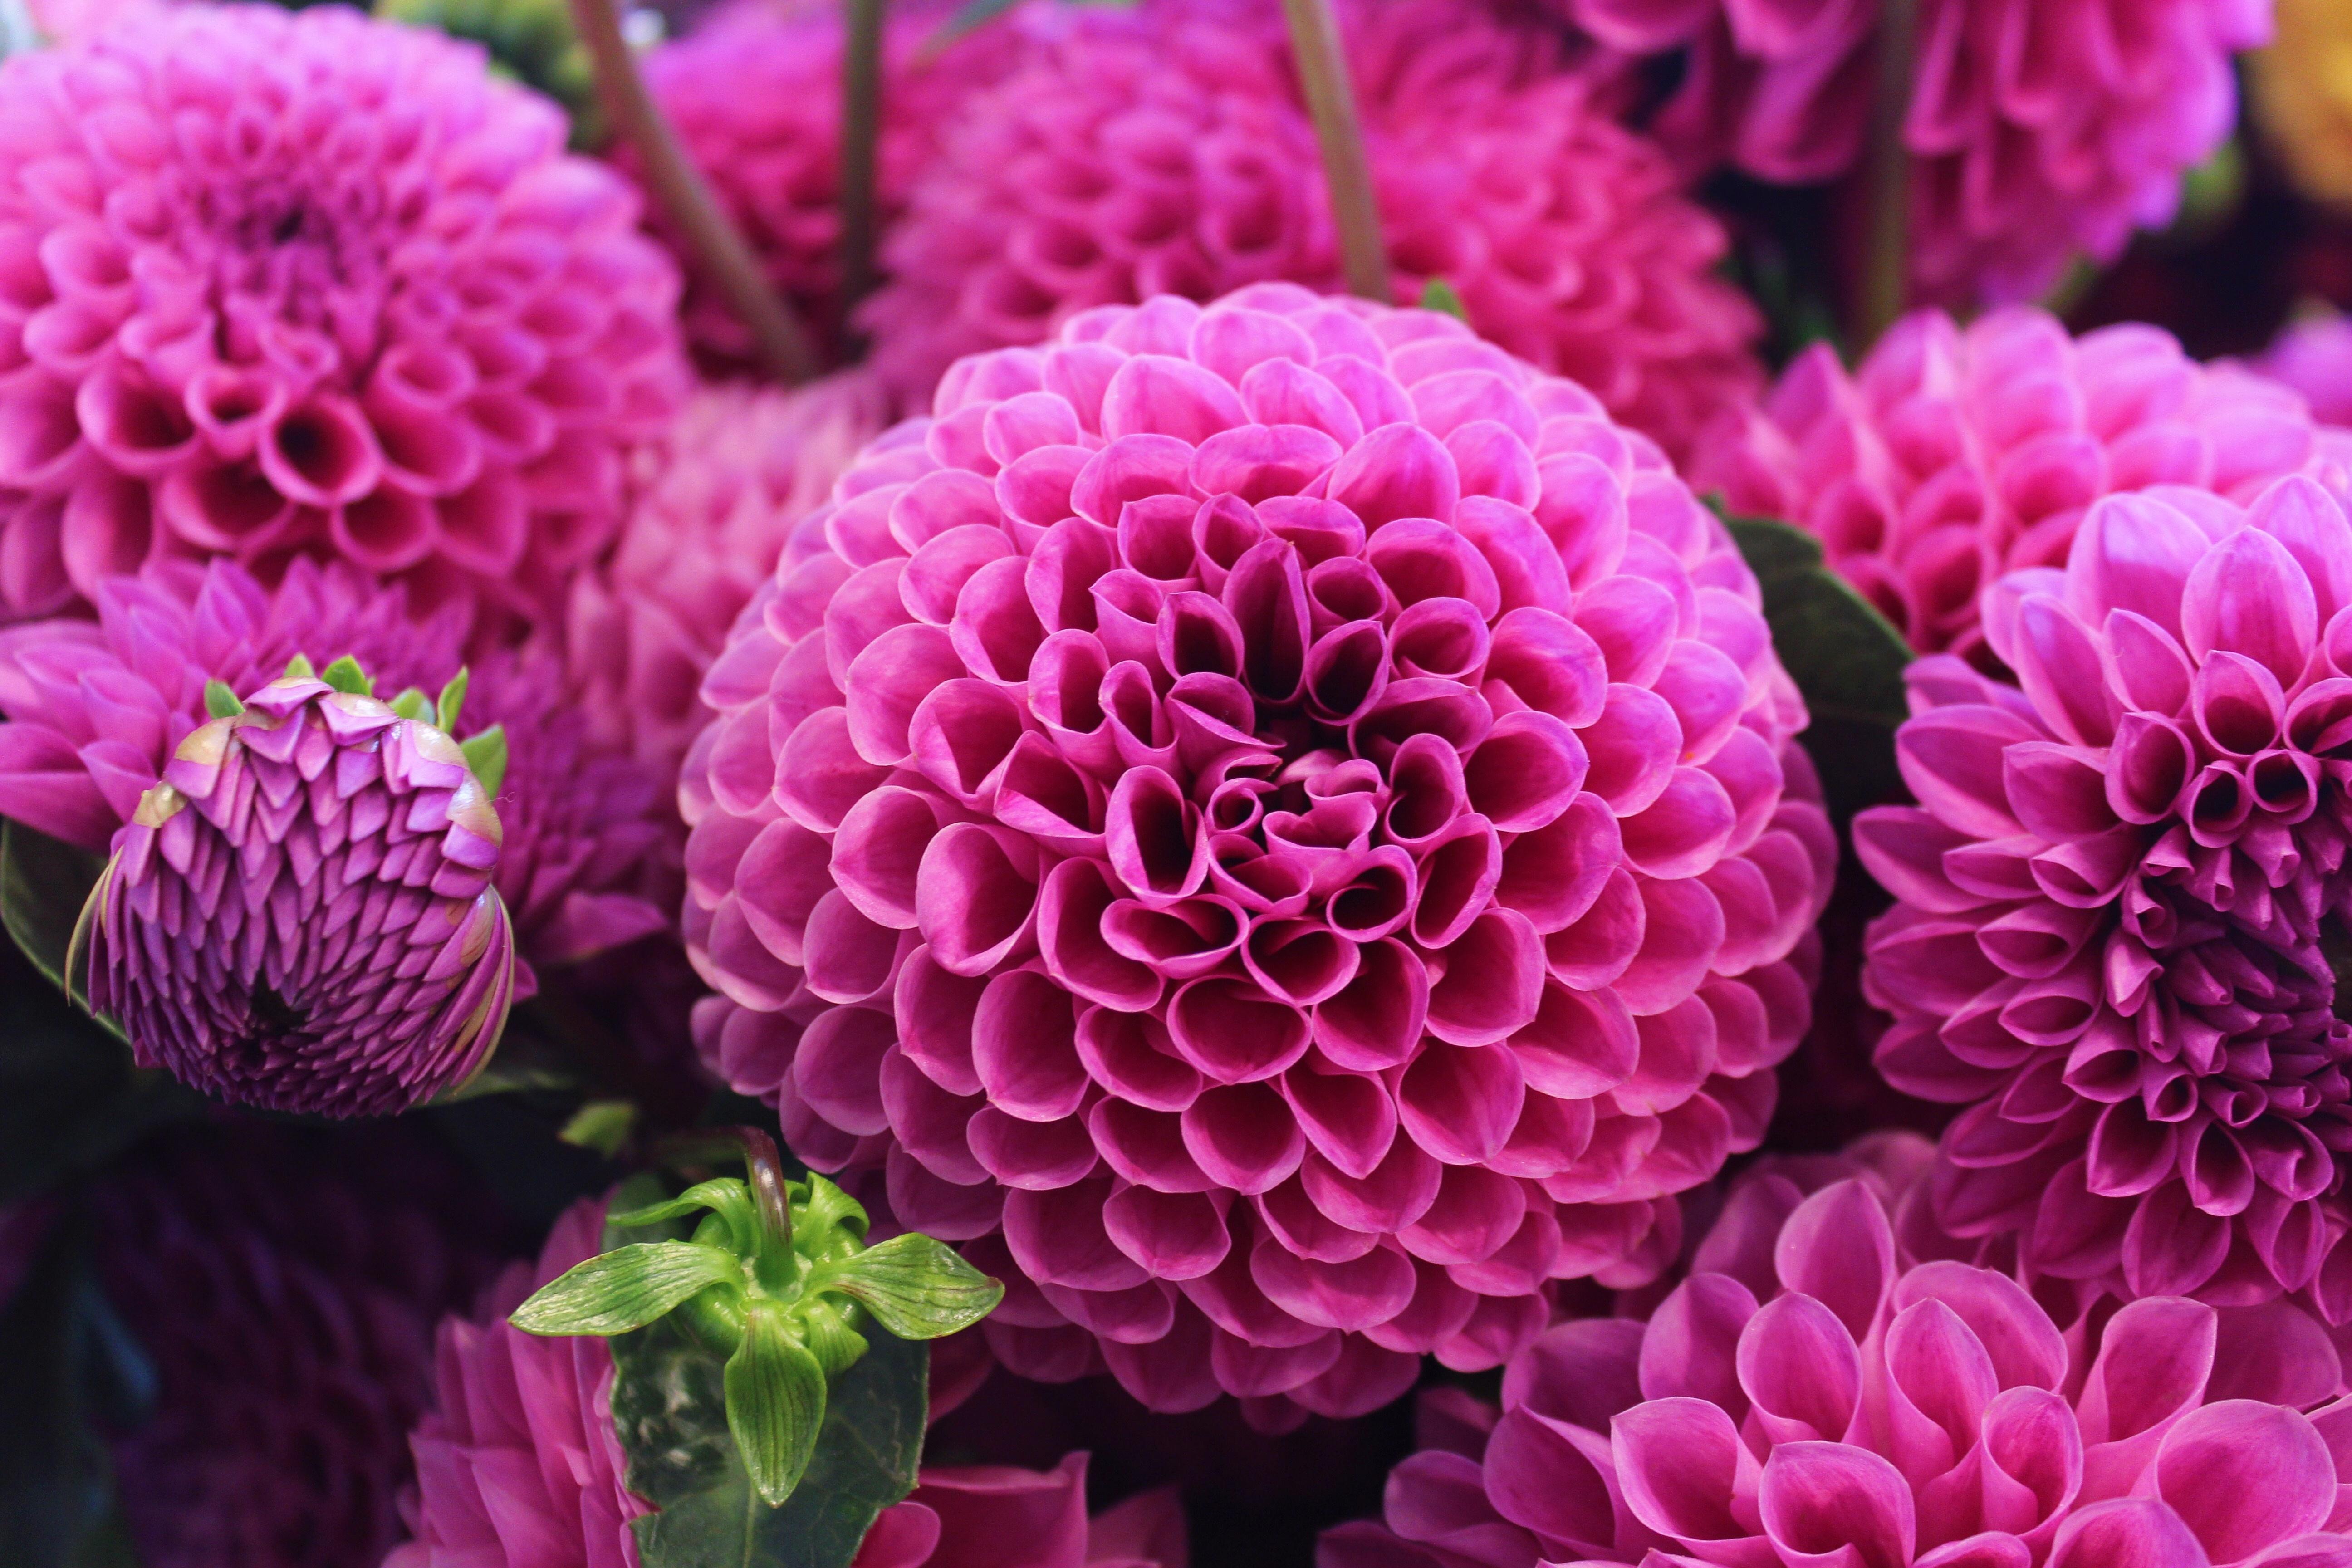 георгин, георгины, цветы